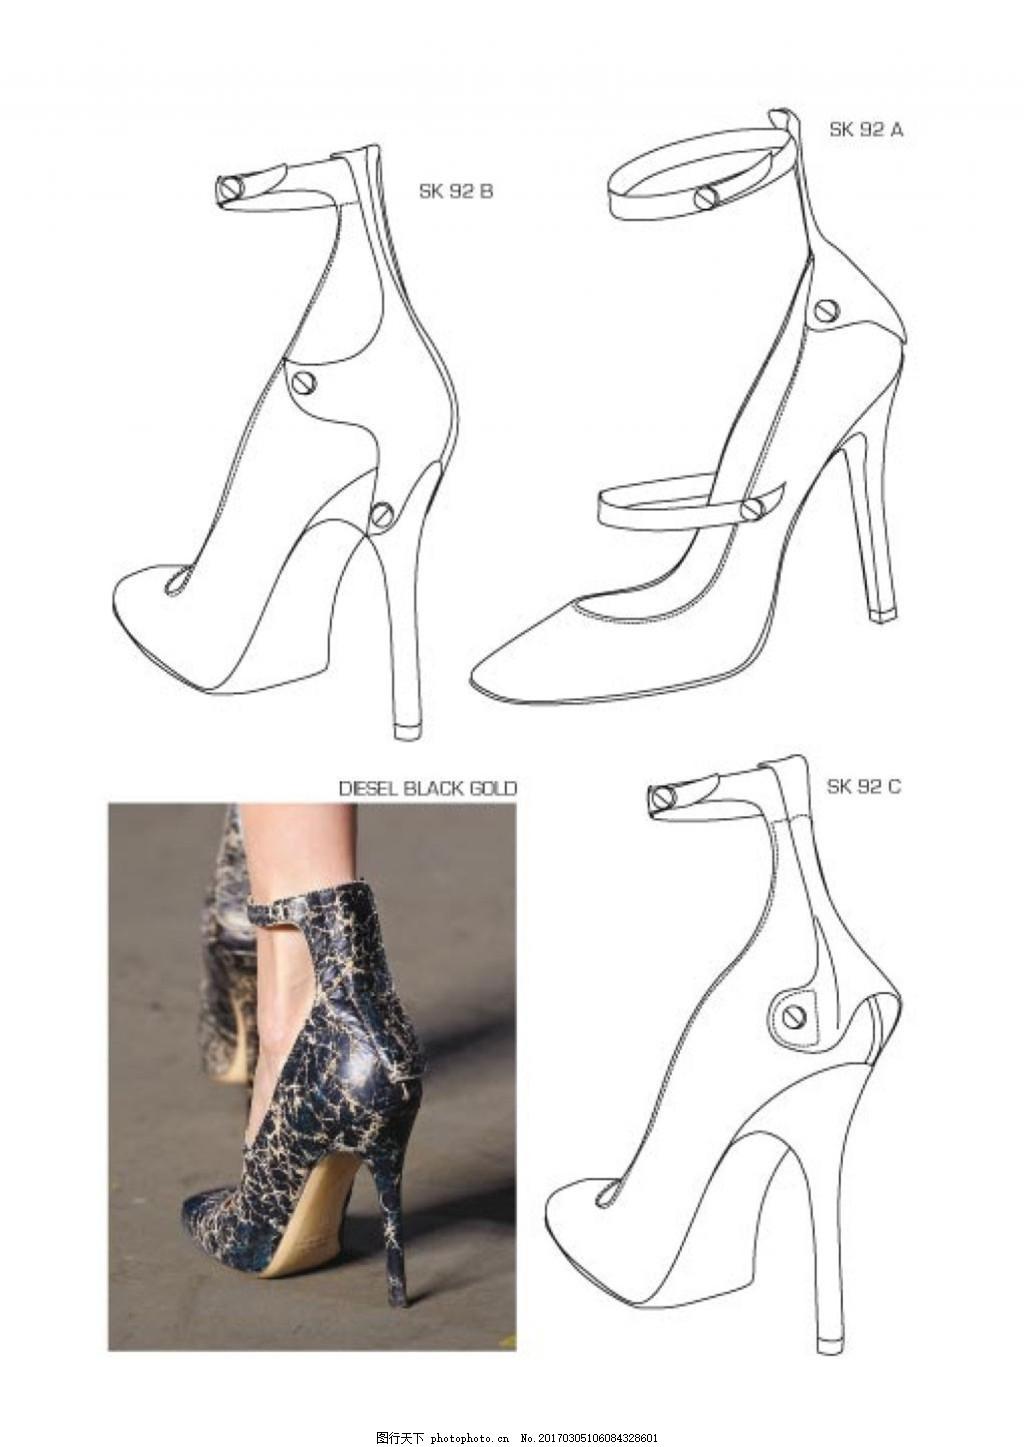 高跟鞋设计与实物图 高跟鞋 靴子 时尚女鞋 女鞋设计 平底鞋皮鞋 高邦